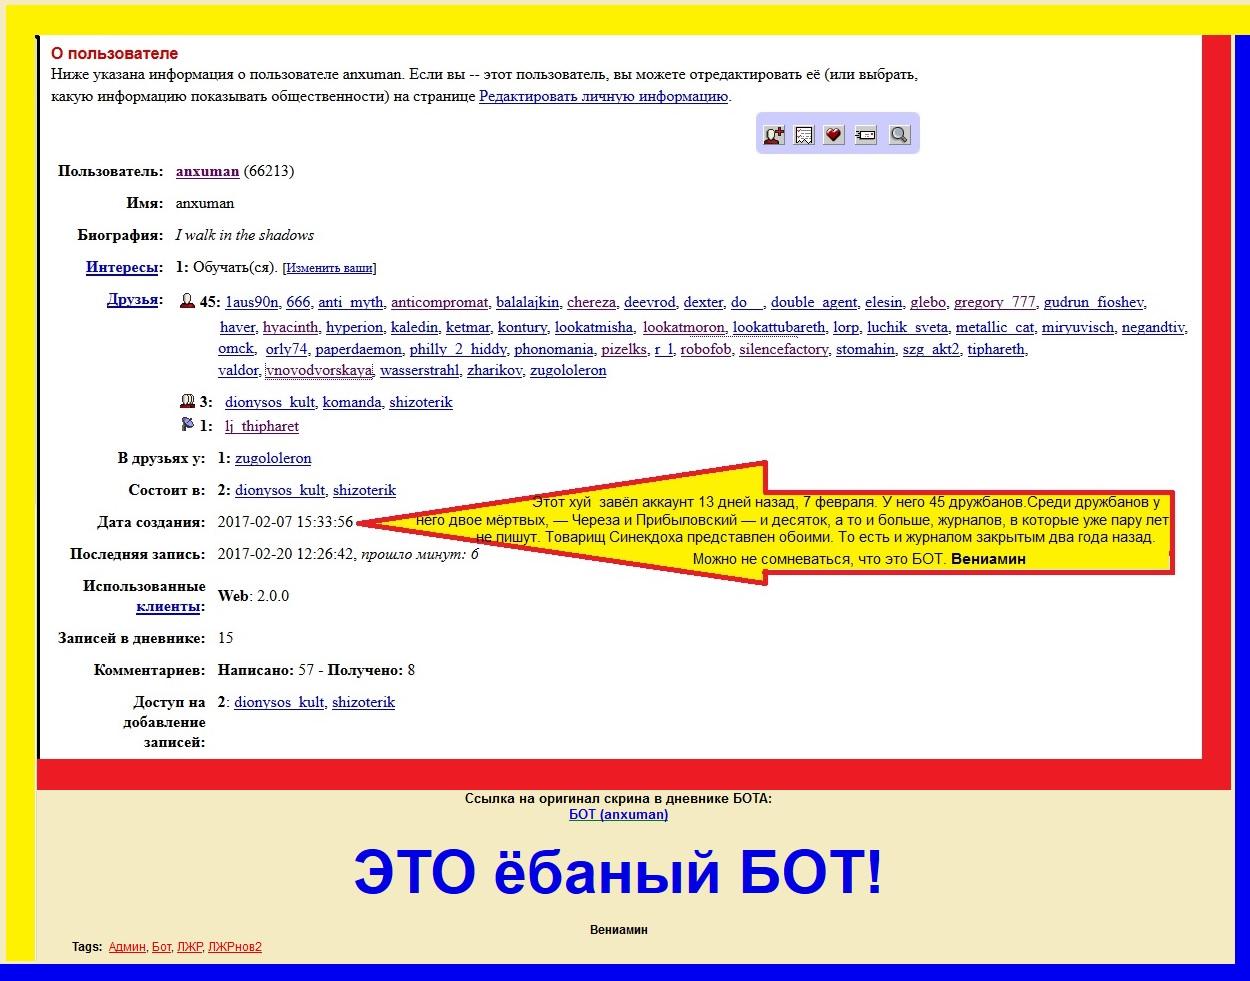 БОТ-3